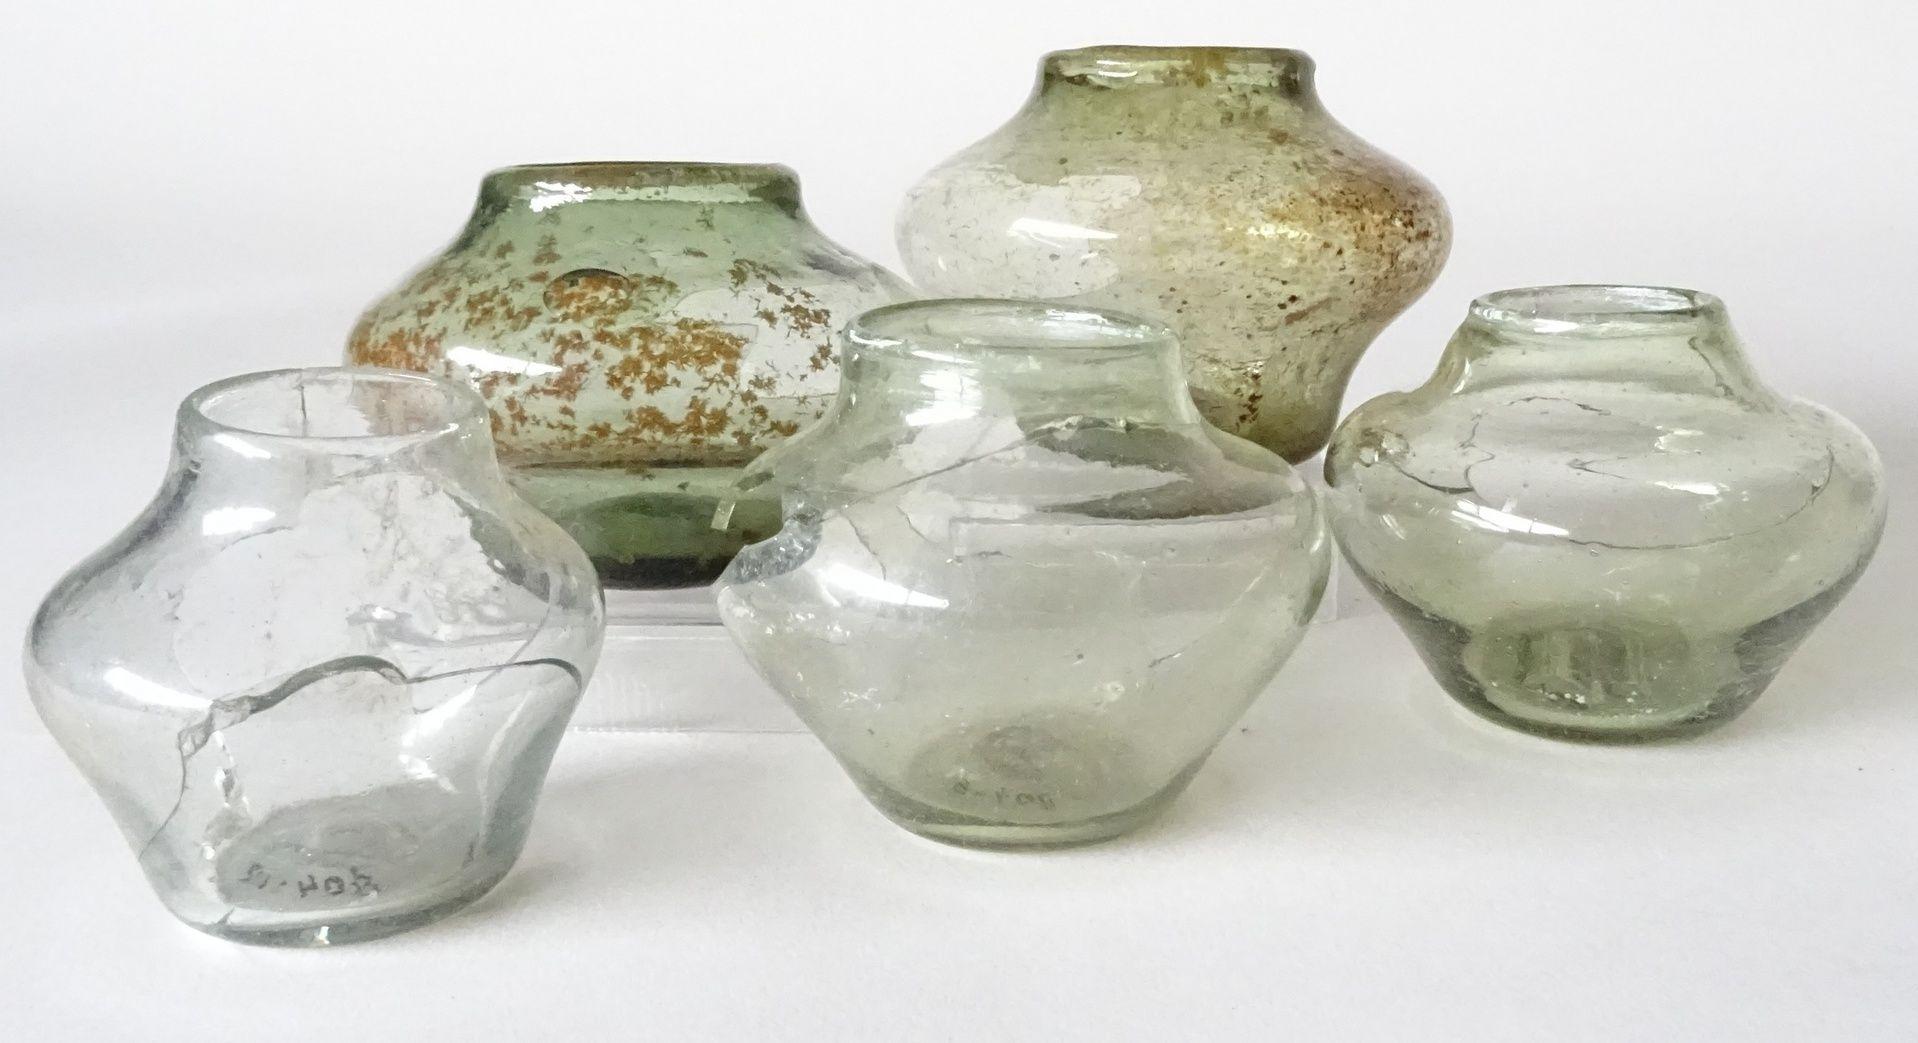 Vijf kopglazen uit een vondst van 40, bouwput Geere, Middelburg 1986 (Beeldbank Zeeuws Archeologisch Depot, SCEZ).